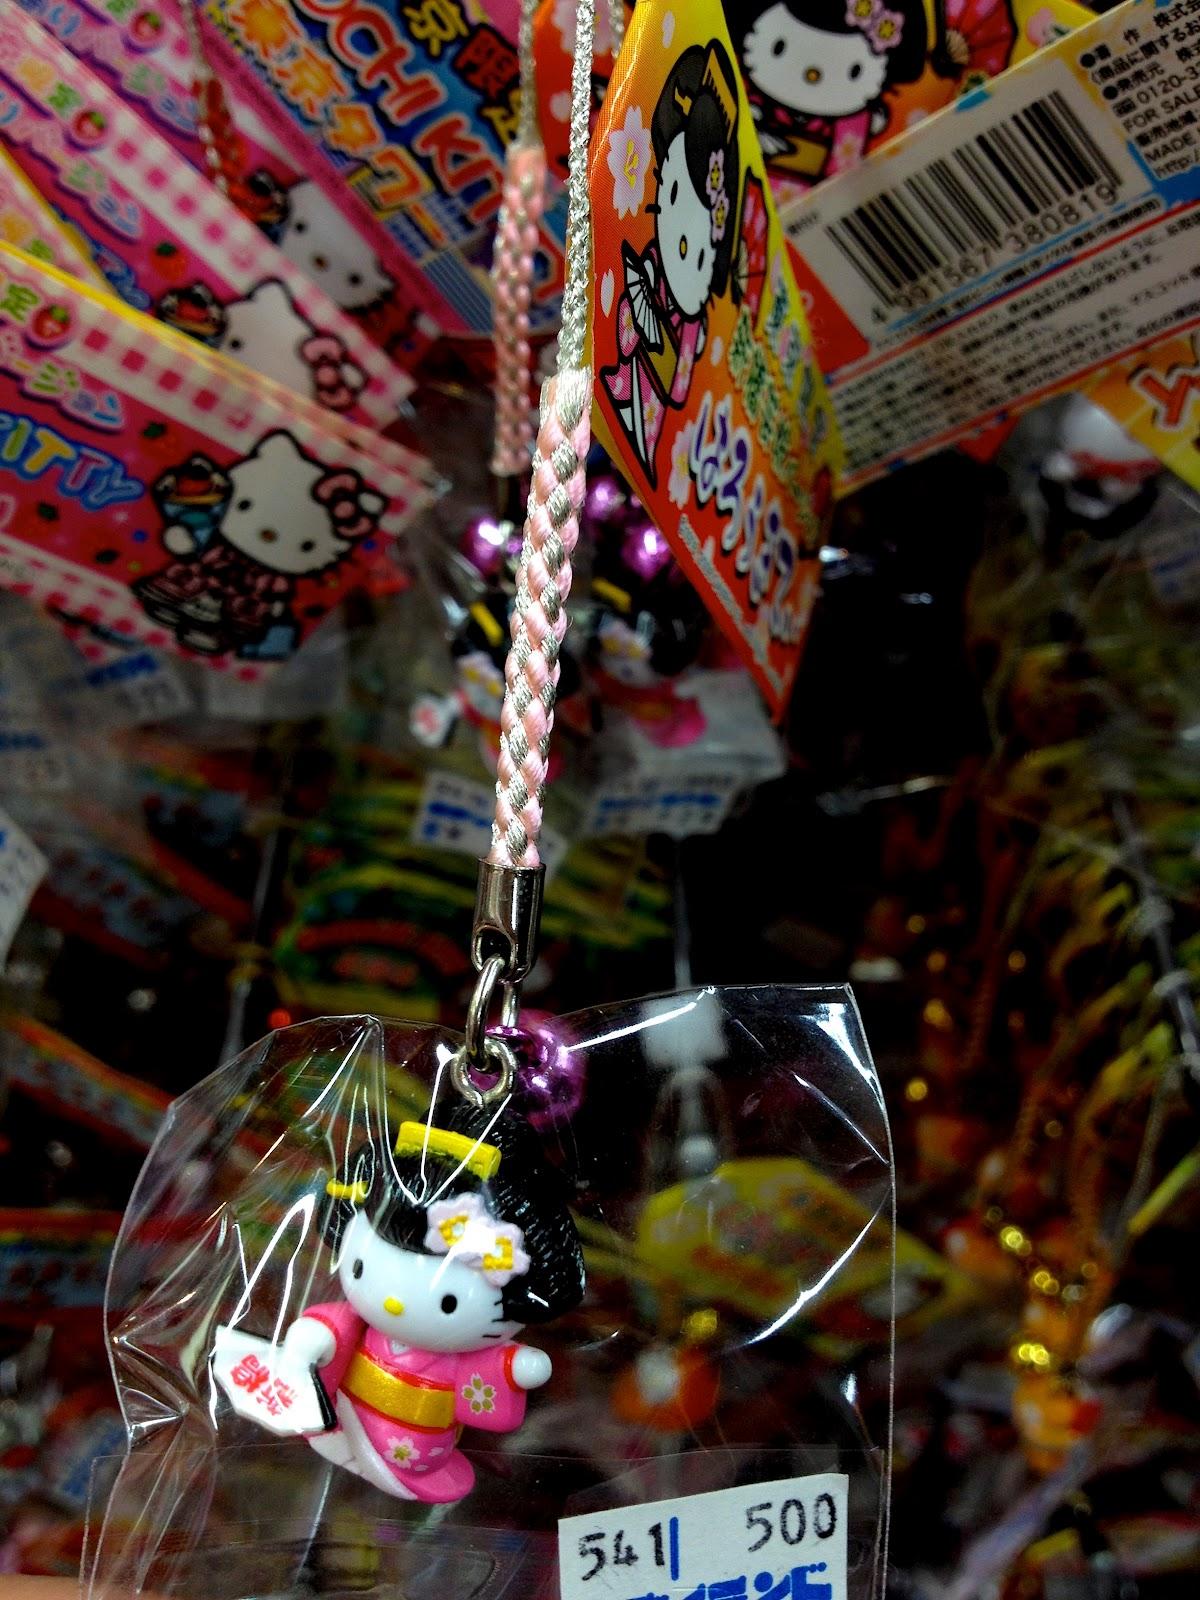 Loliland Hello Kitty Land